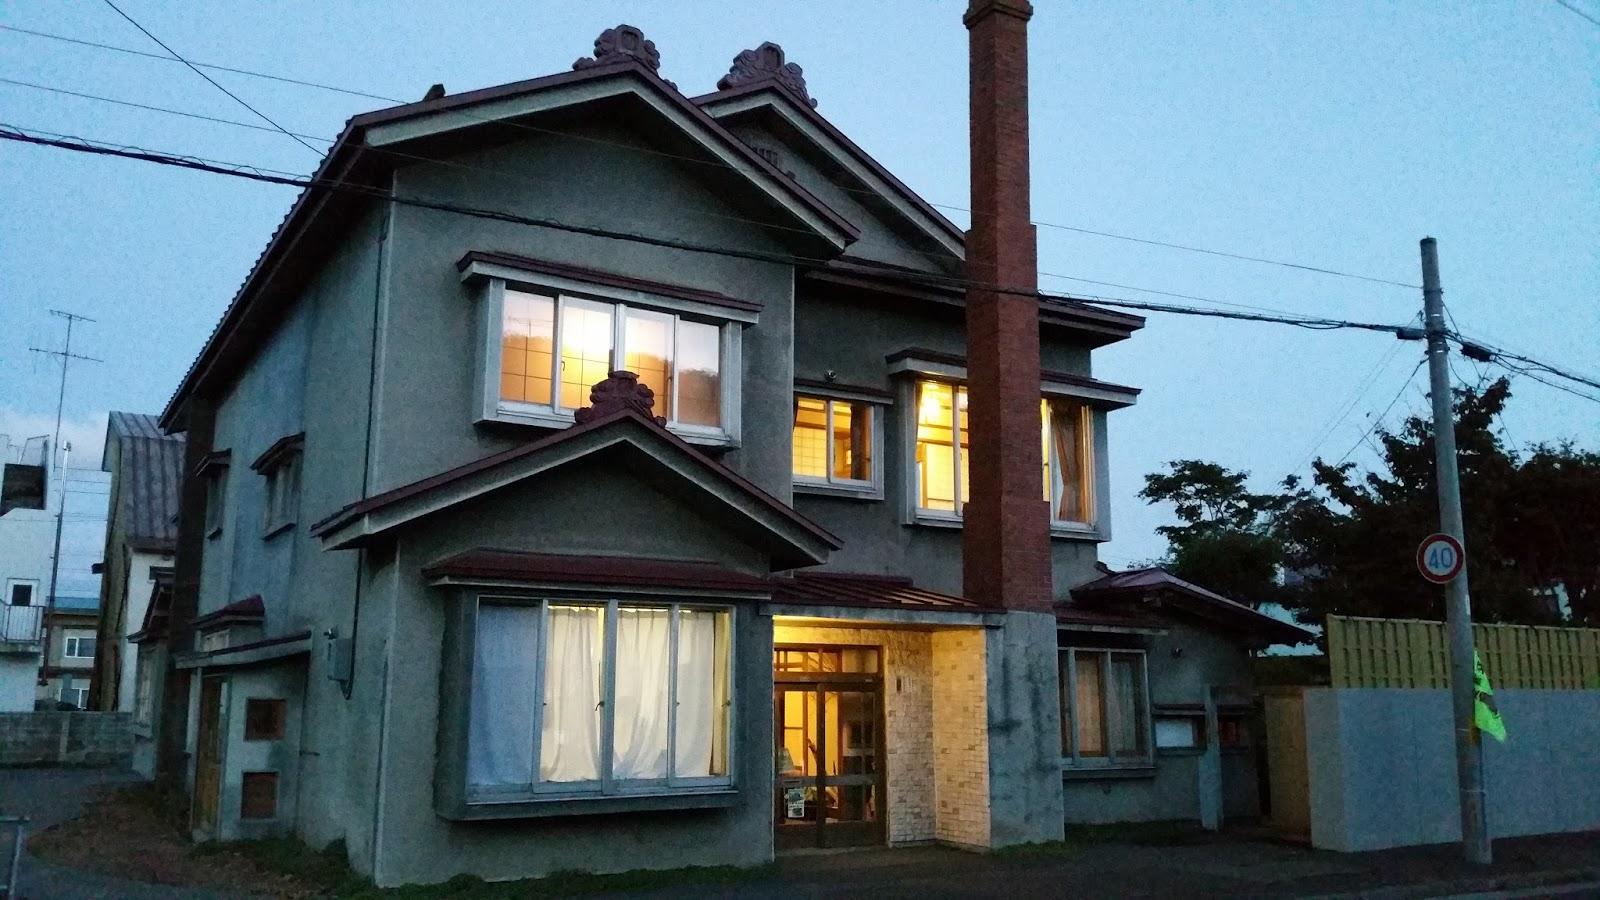 Flemming in Japan / Nihon: 01.10.2015 Wohnhaus aussen West / innen Ost